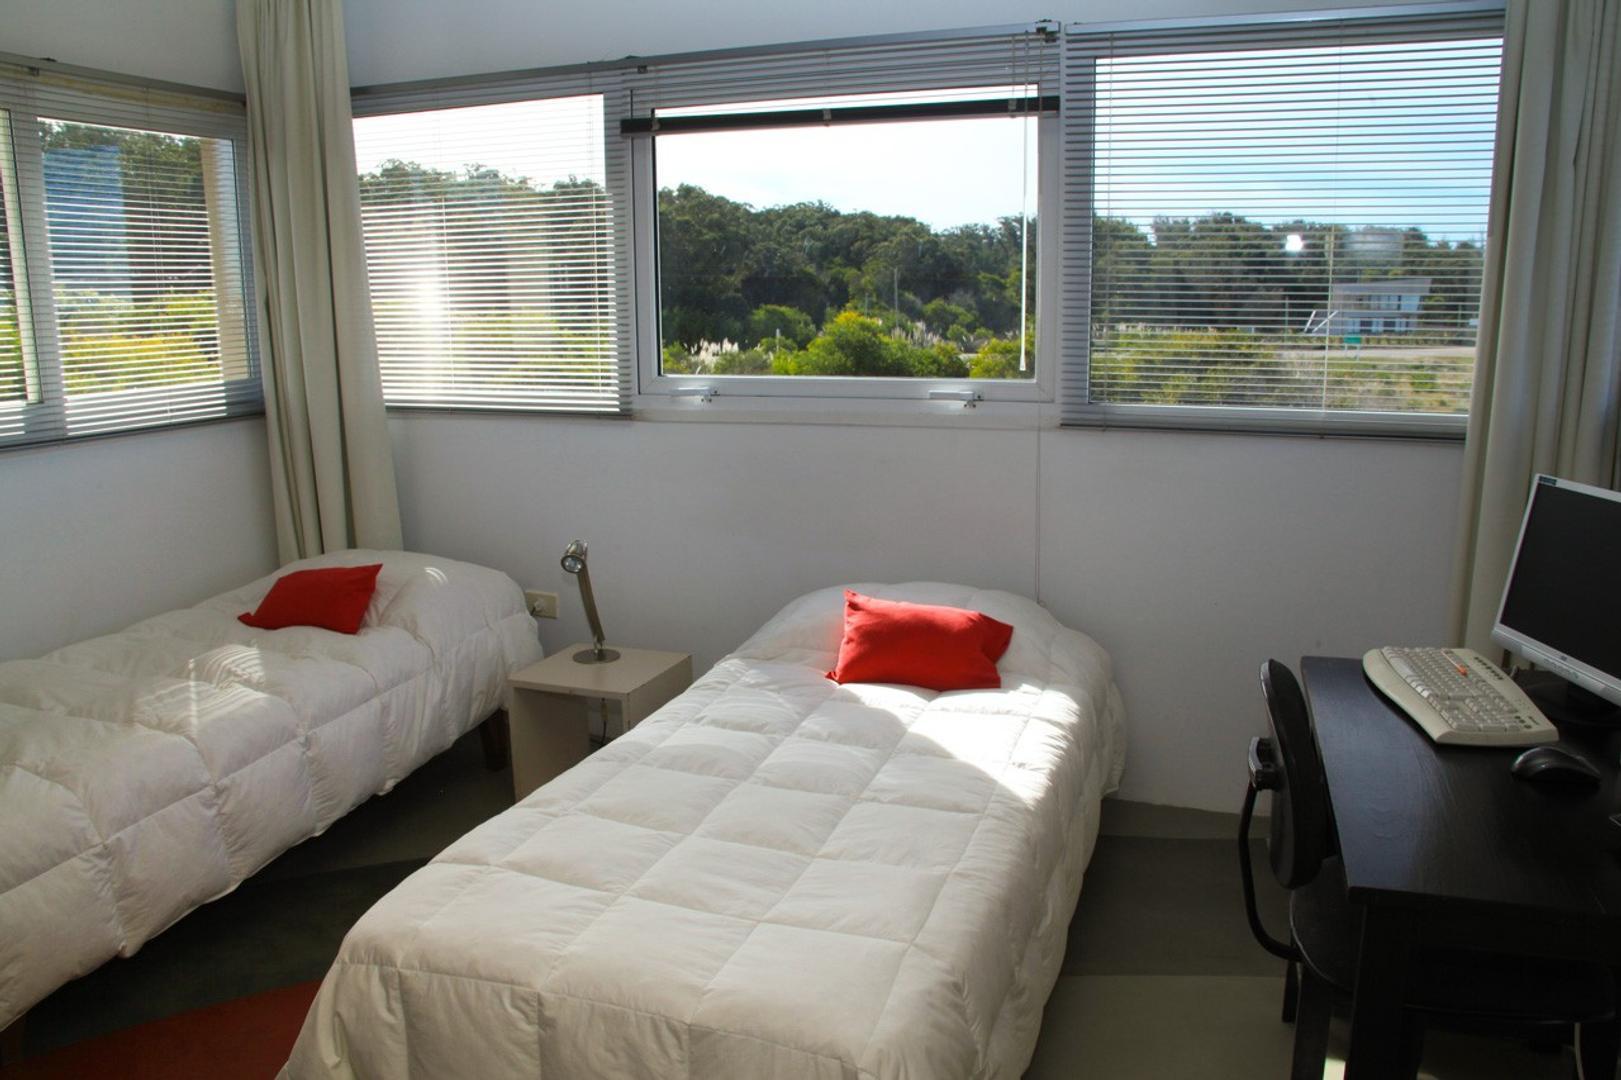 (LIJ-LIJ-183) Casa - Alquiler temporario - Uruguay, Maldonado - Foto 17